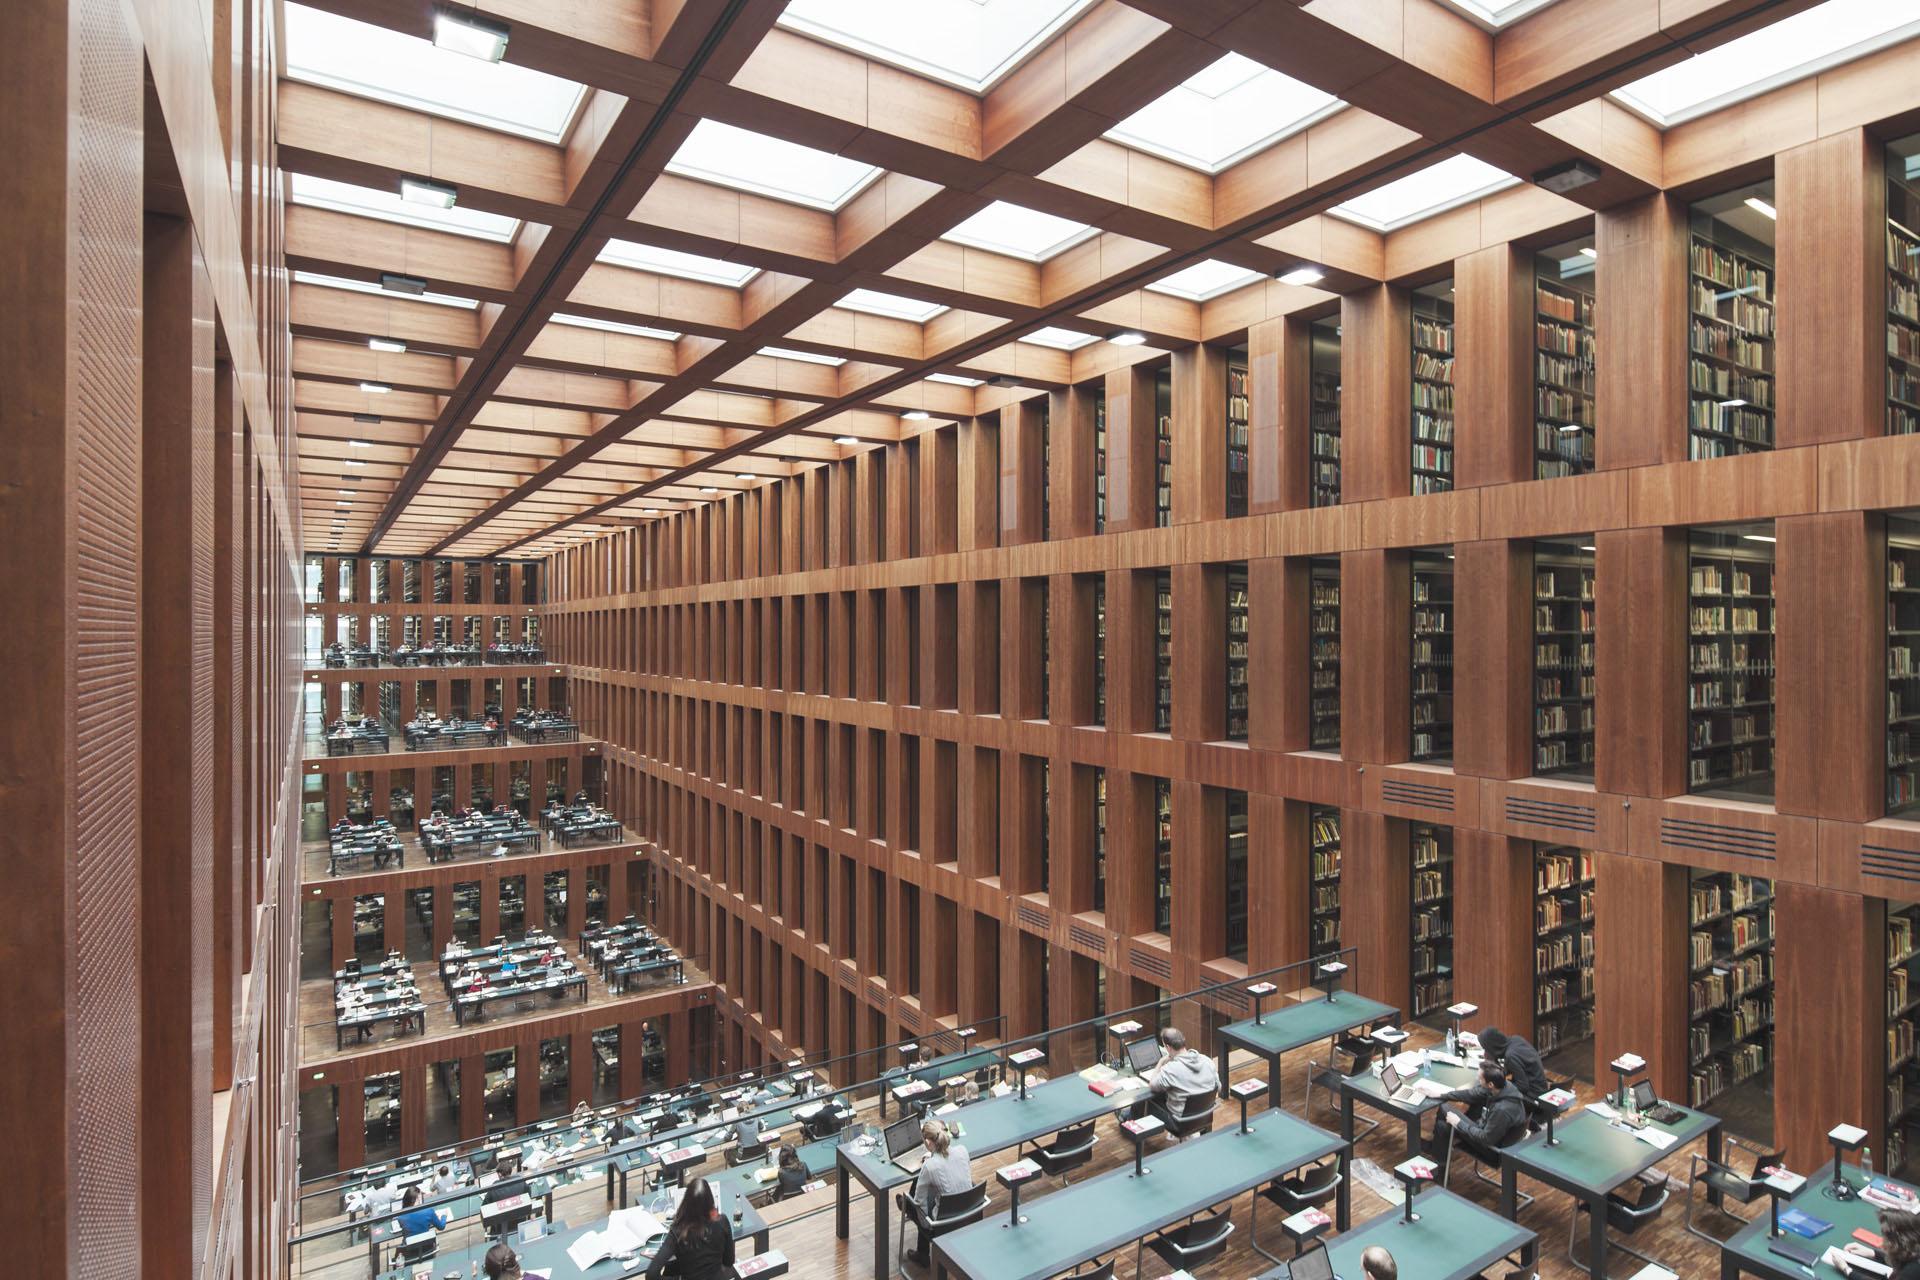 Jacob Und Wilhelm Grimm Bibliothek